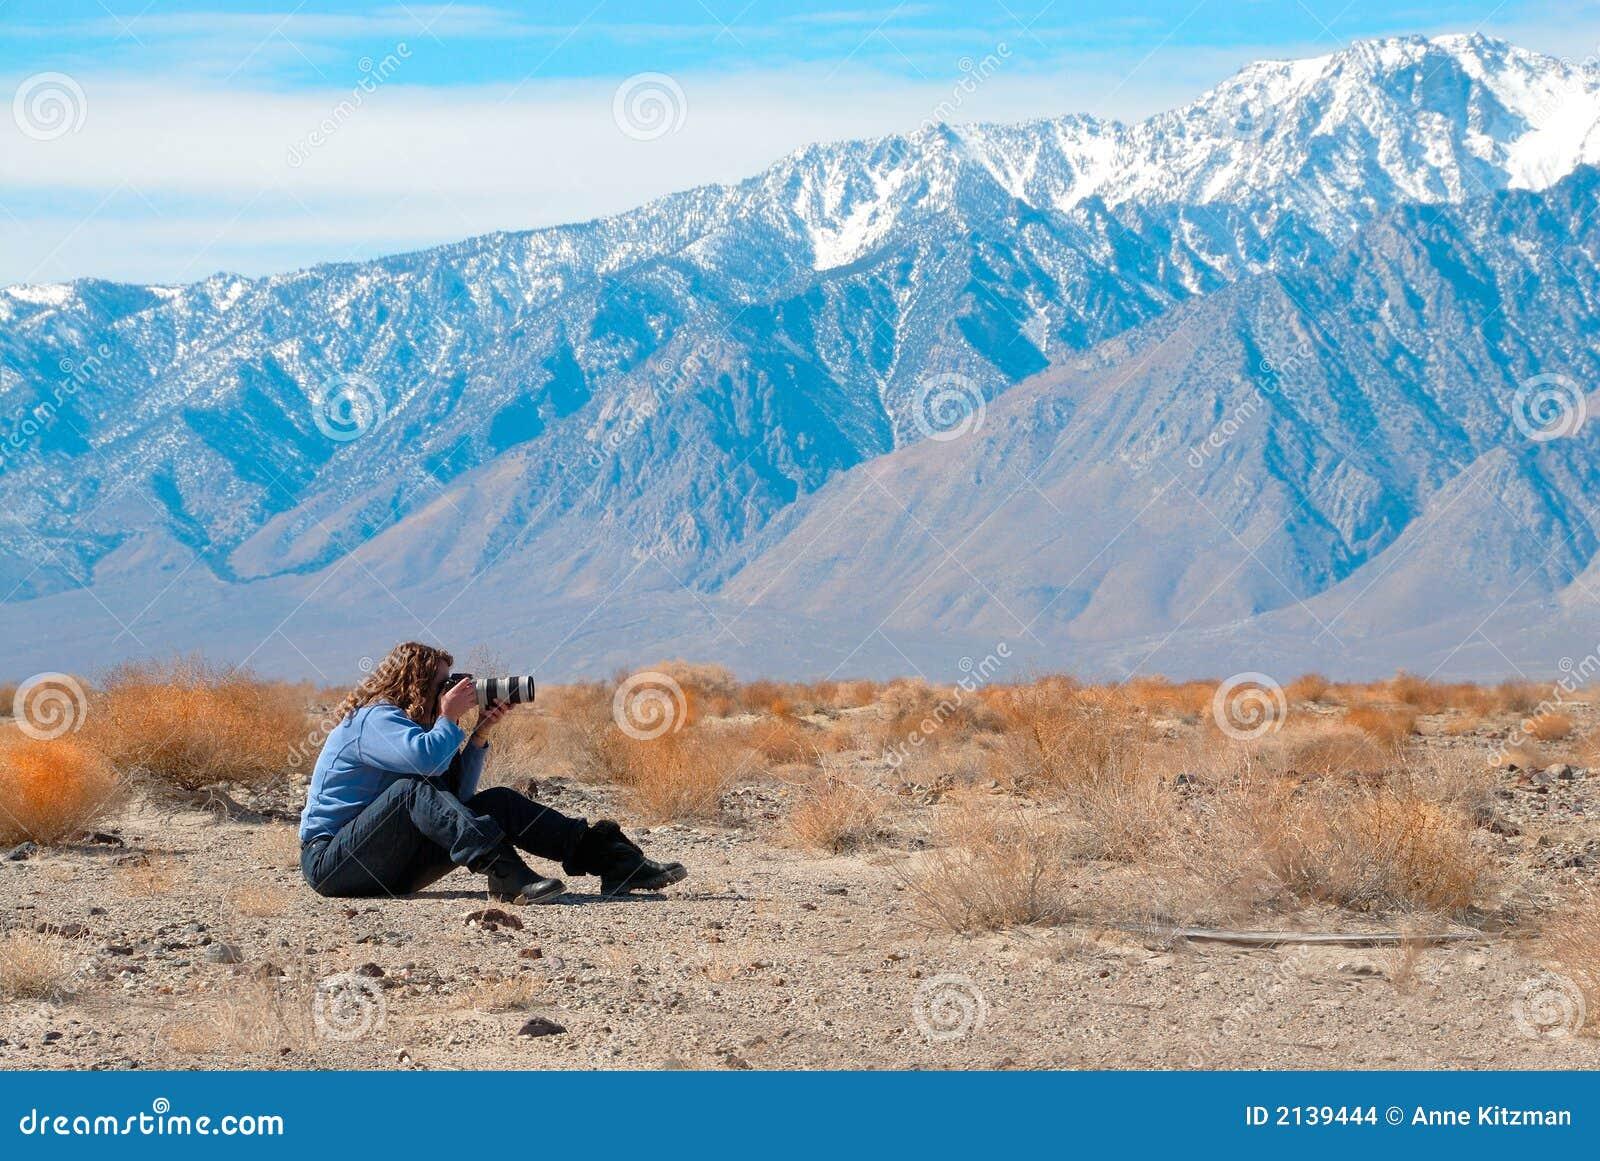 Photographie de Death Valley